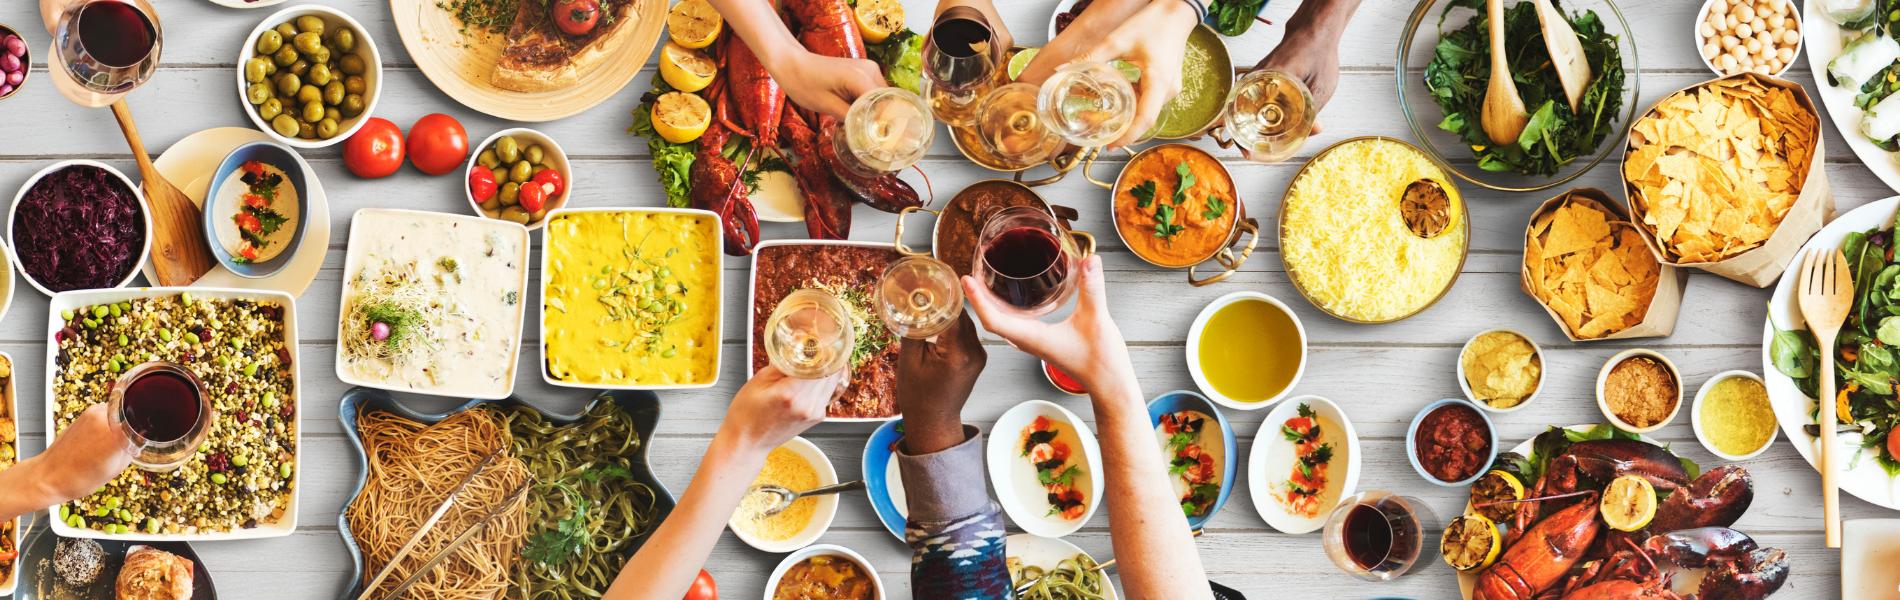 Trzy sposoby kontrolowania ilości jedzenia